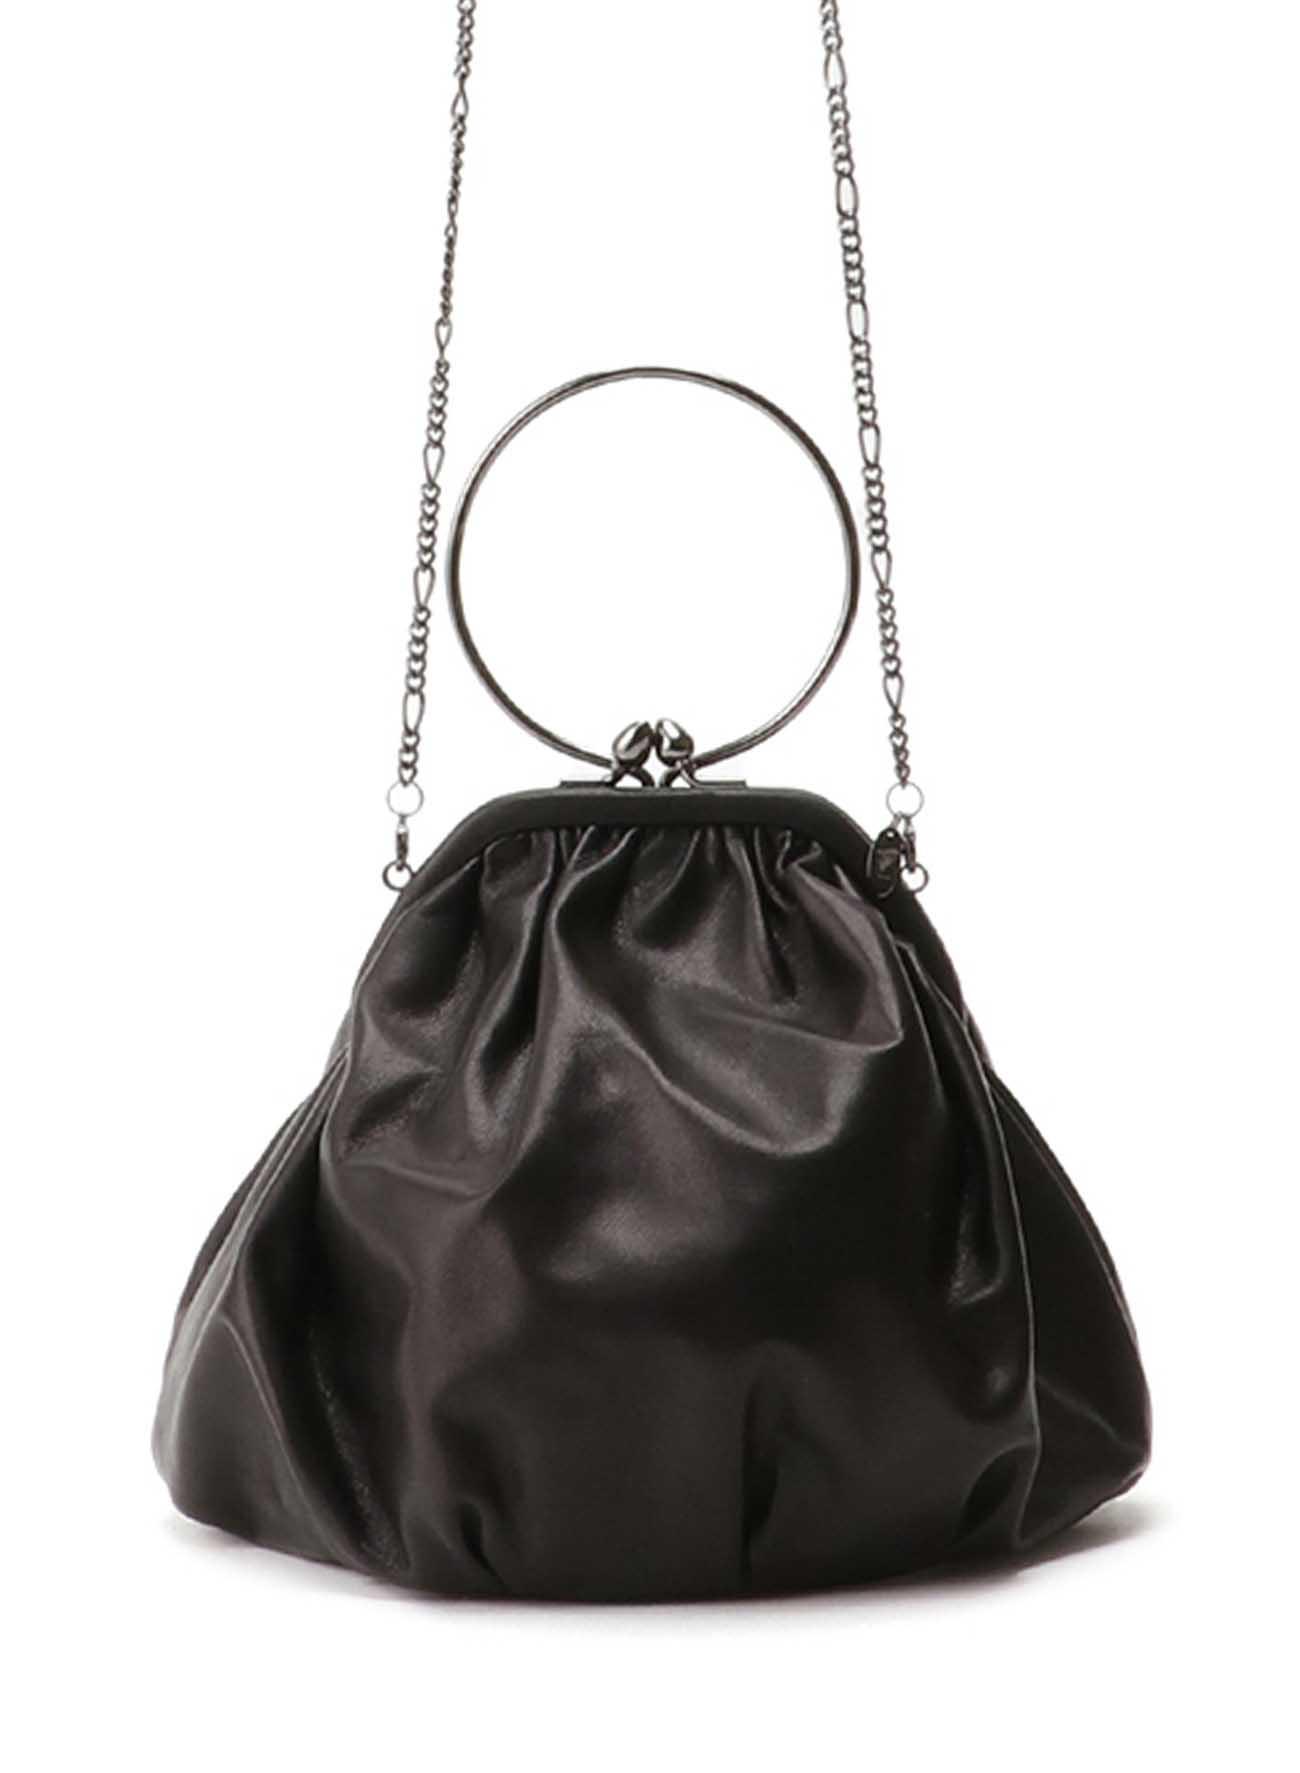 Clasp drape pouch